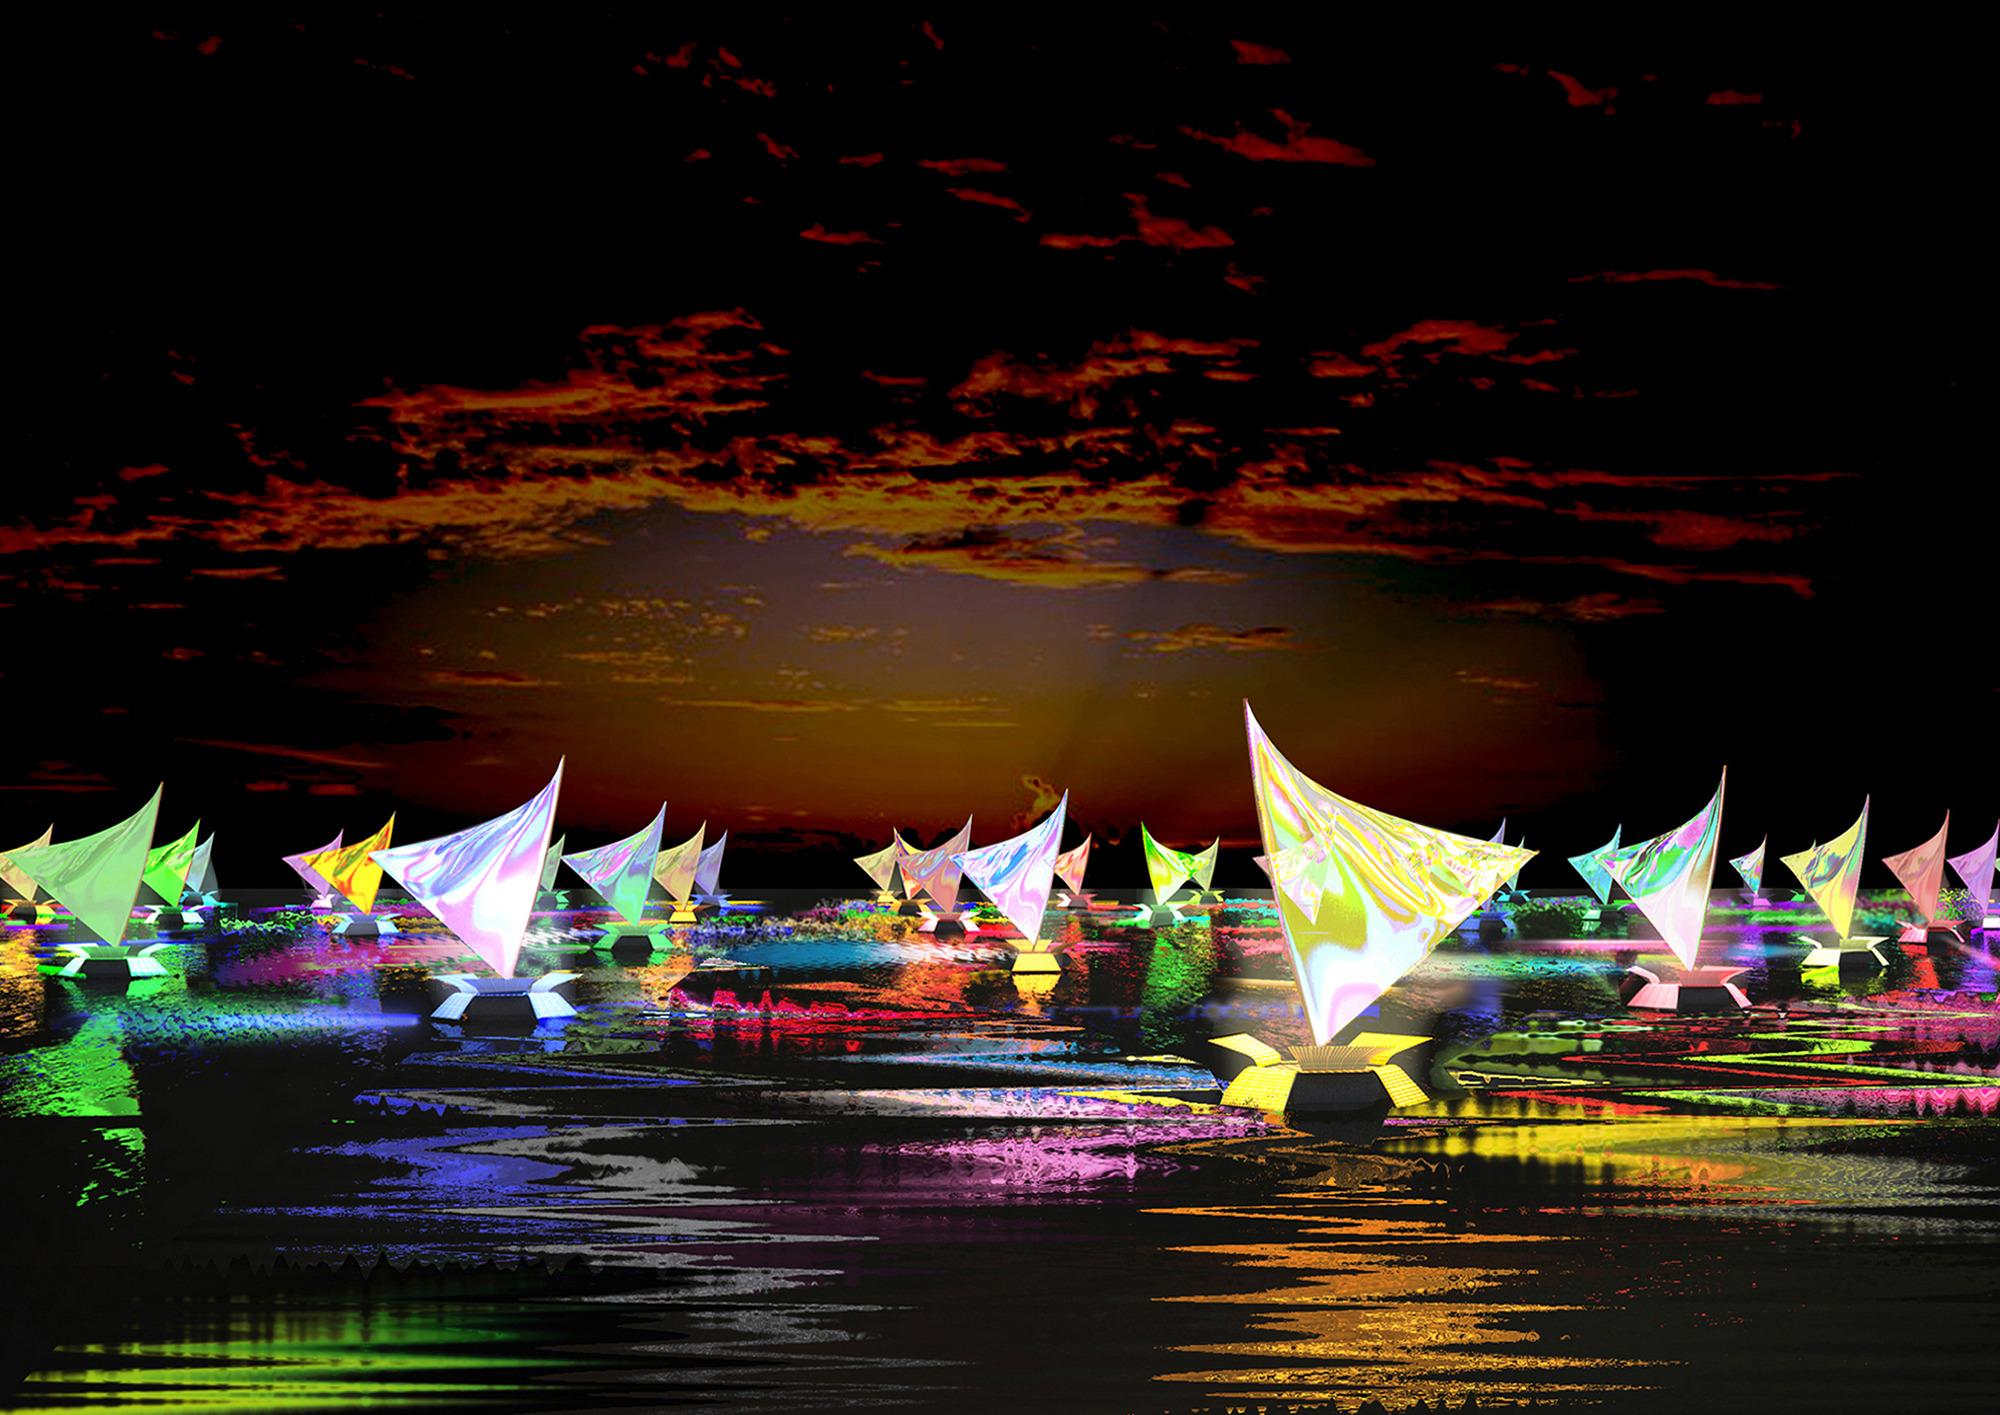 Antonio Barrese: FlowingRiver_RioAmazonas, 2011/in progress - Evento di arte geografica, Brasile - visione notturna.